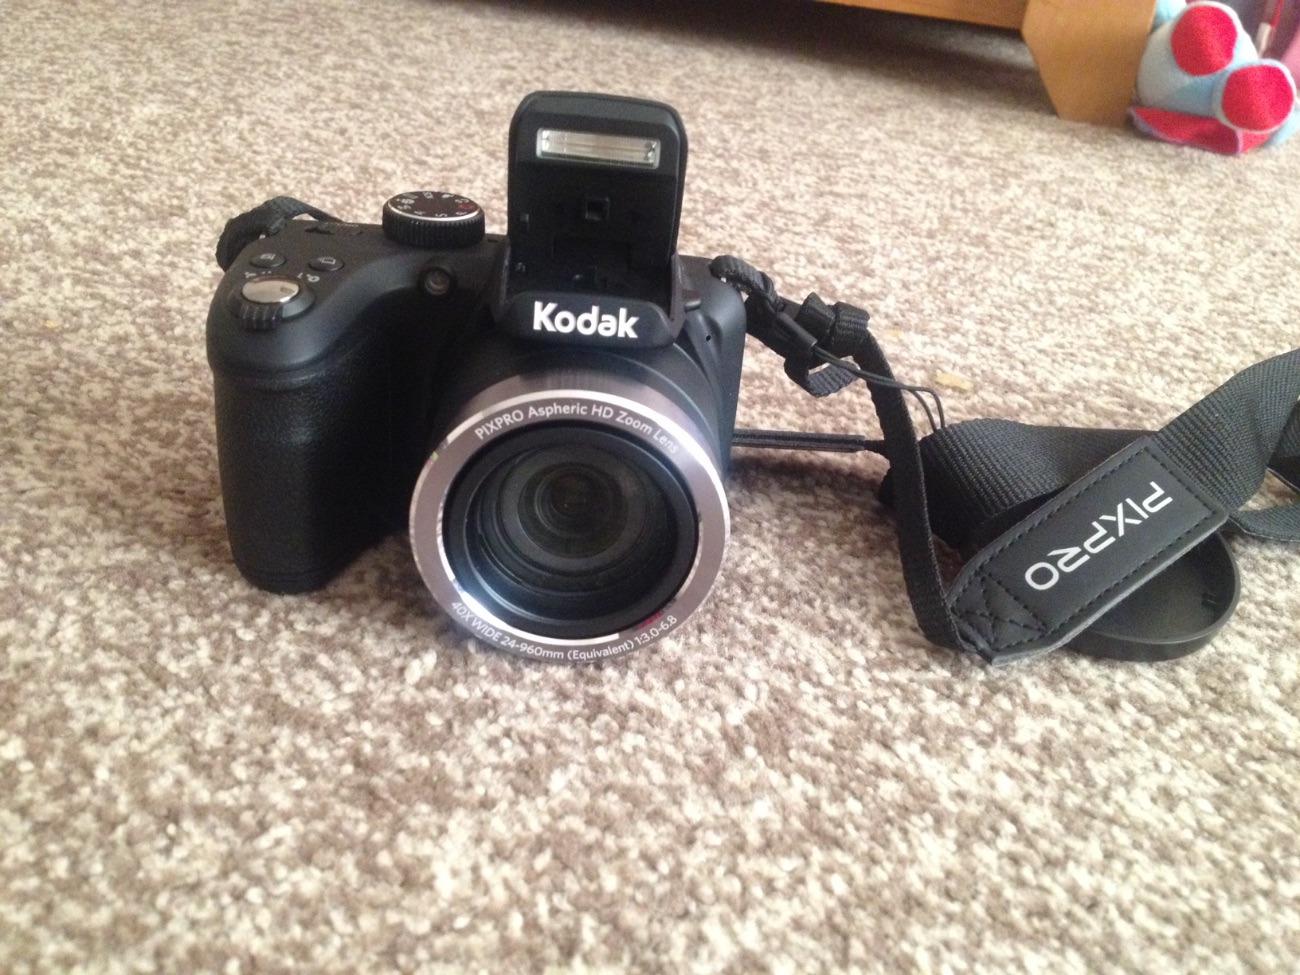 Kodak PixPro AZ401 Bridge Camera